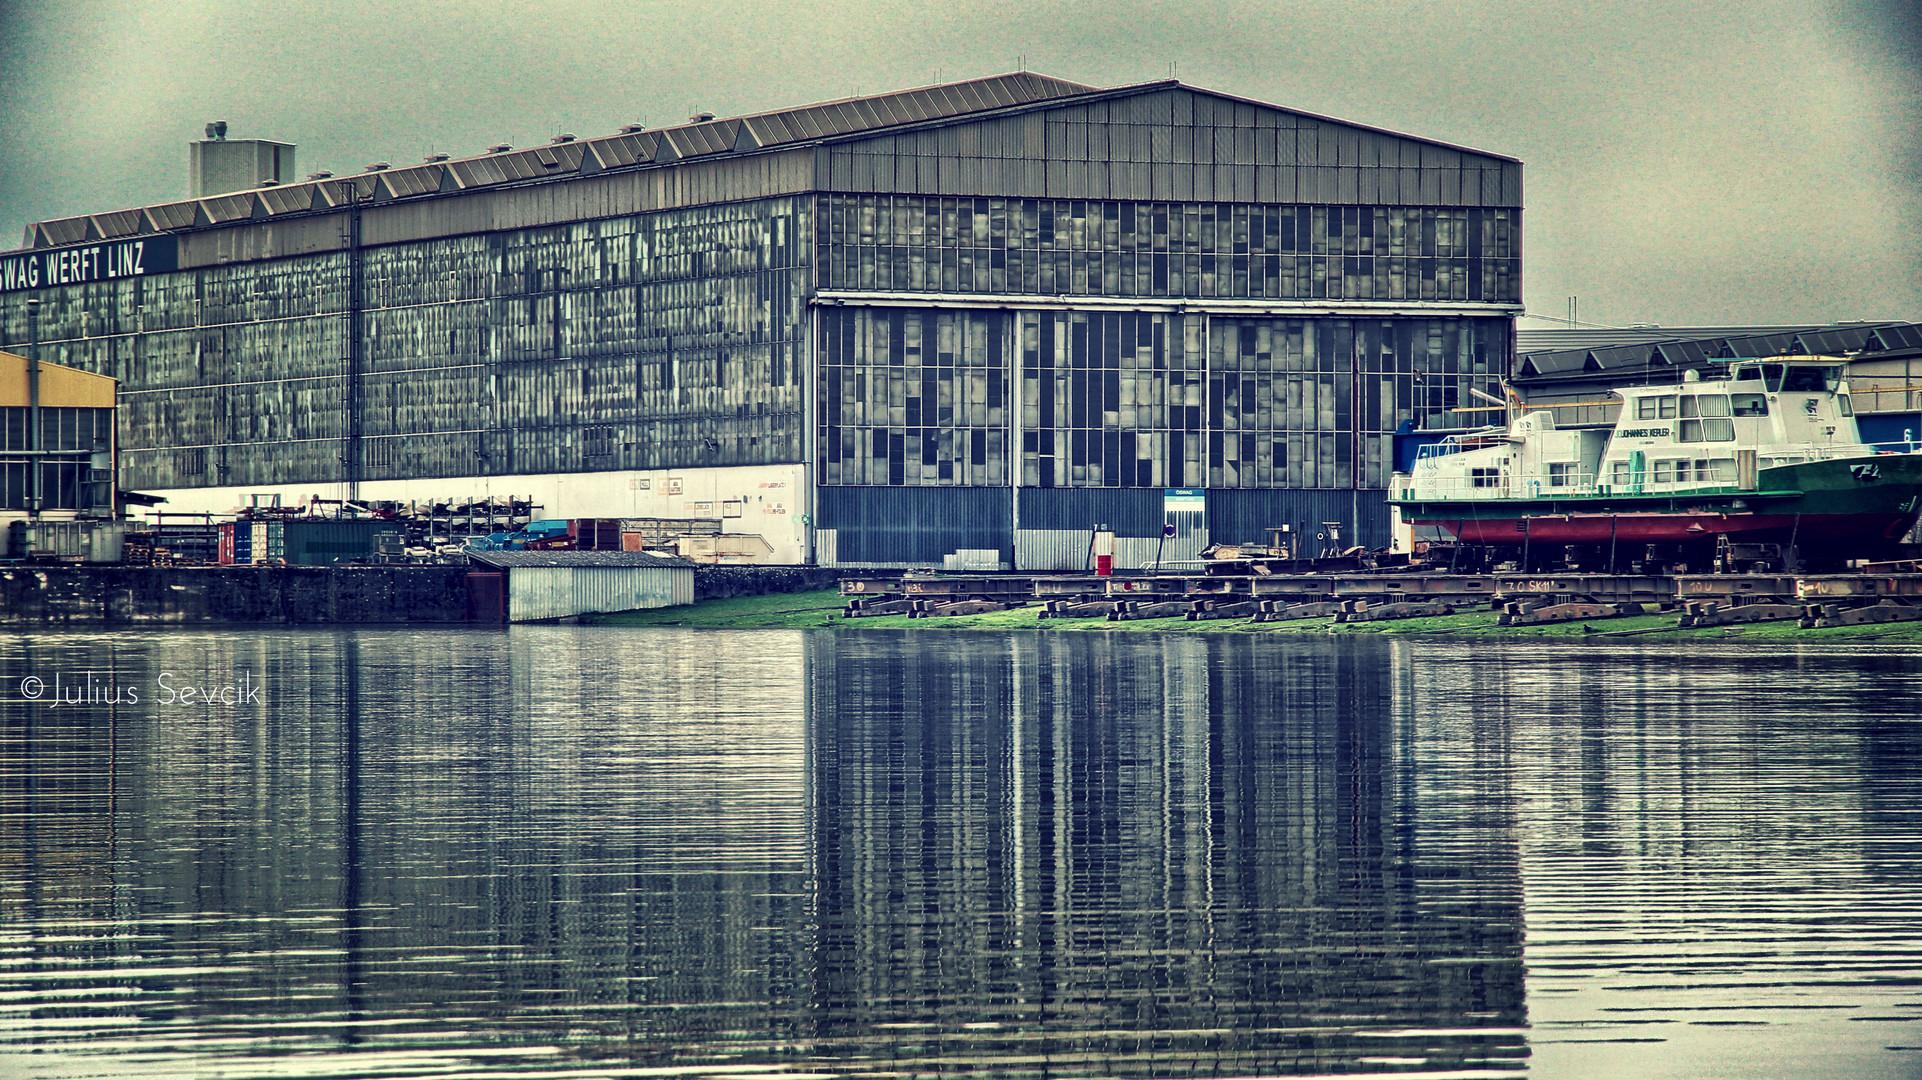 Linzer Werft